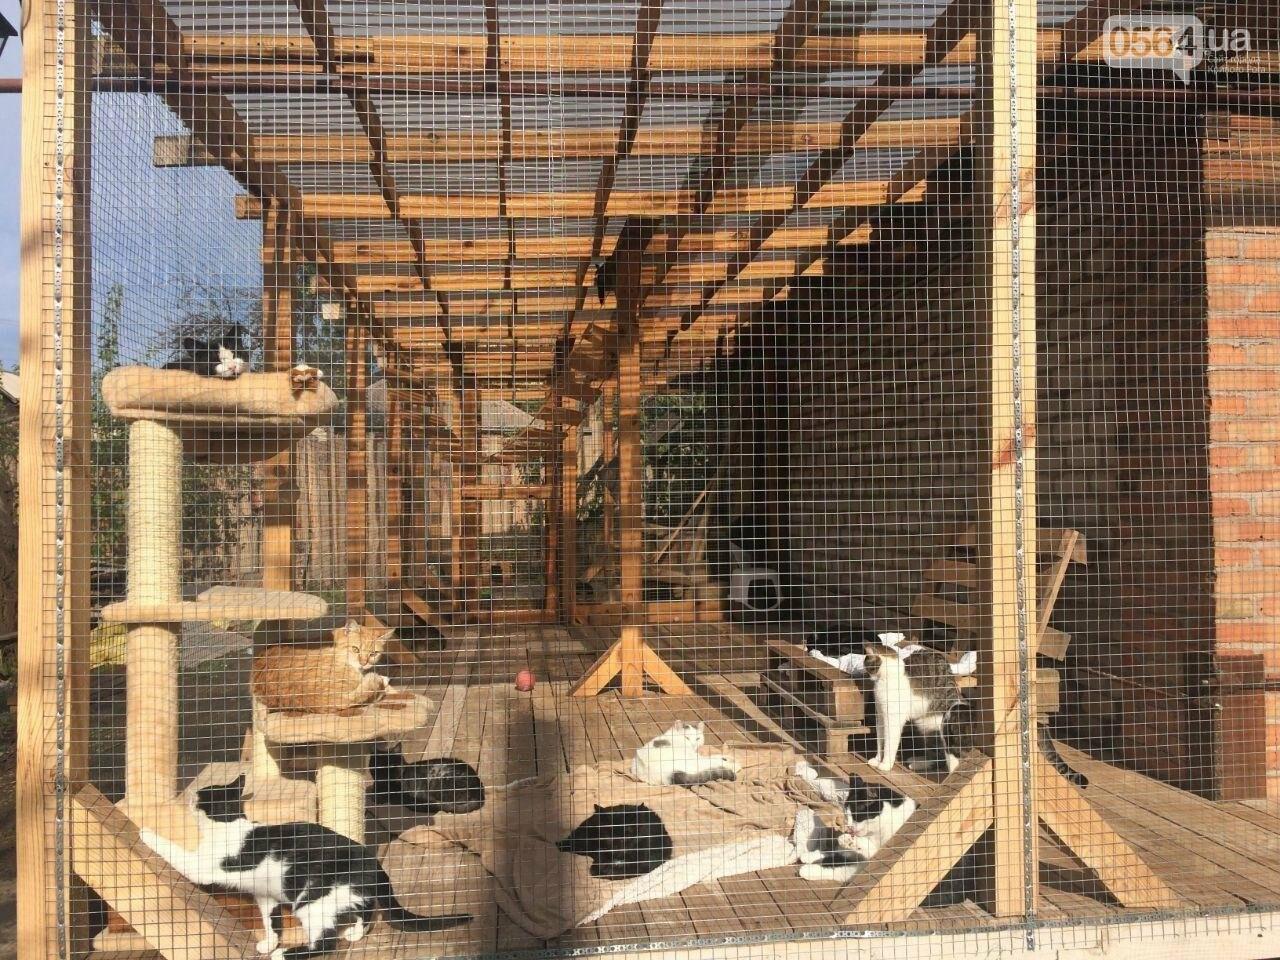 """""""Дай на лапу!"""", - создательницы """"котодома"""" в Кривом Роге собирают средства на Зооотель для домашних животных, - ФОТО, фото-1"""